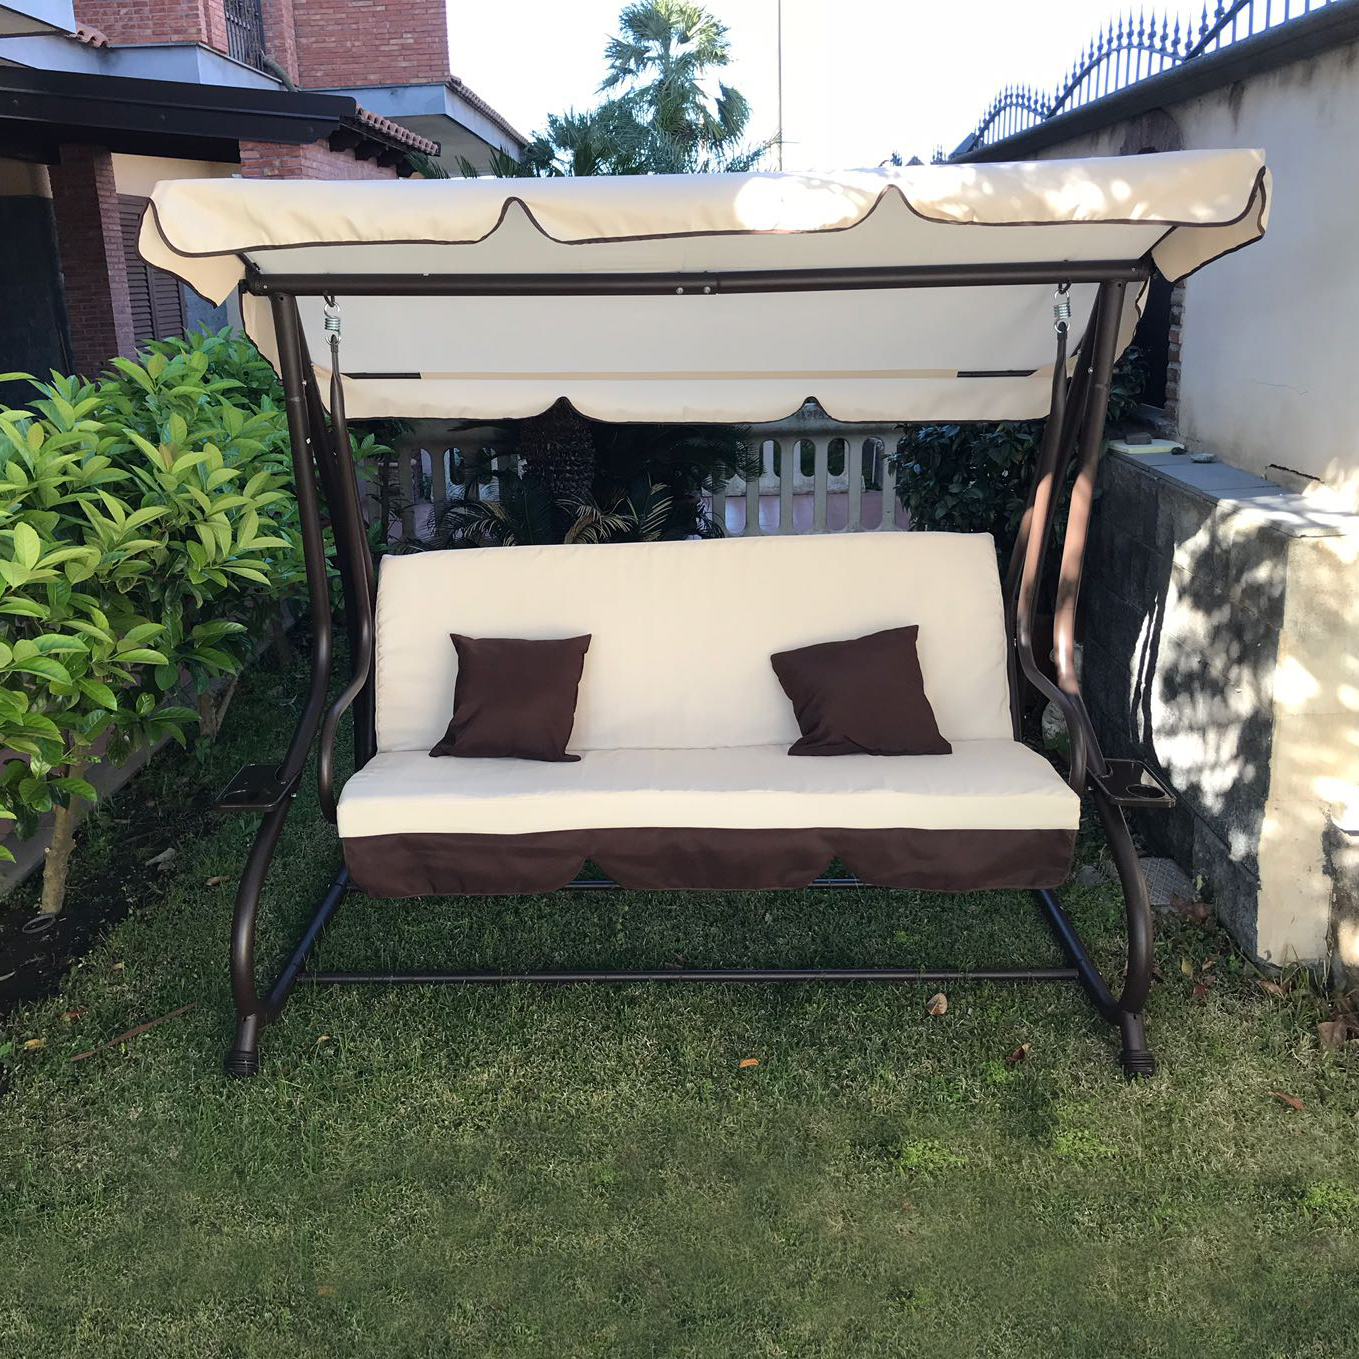 dondolo da giardino 3 posti con tetto parasole divano